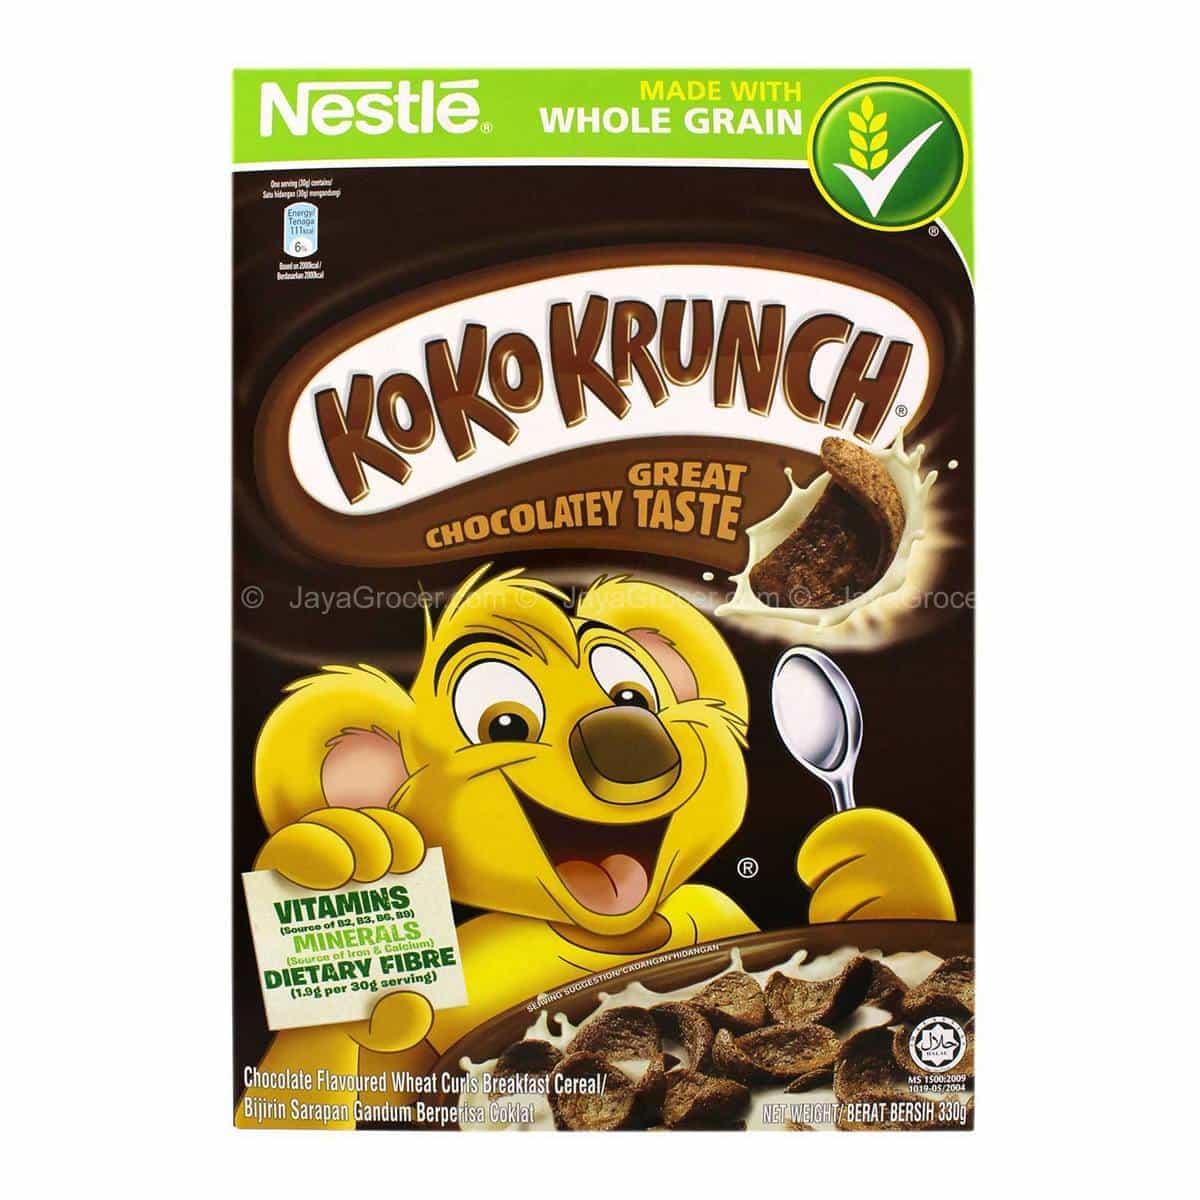 Marketing mix of koko krunch koko krunch marketing mix ccuart Images